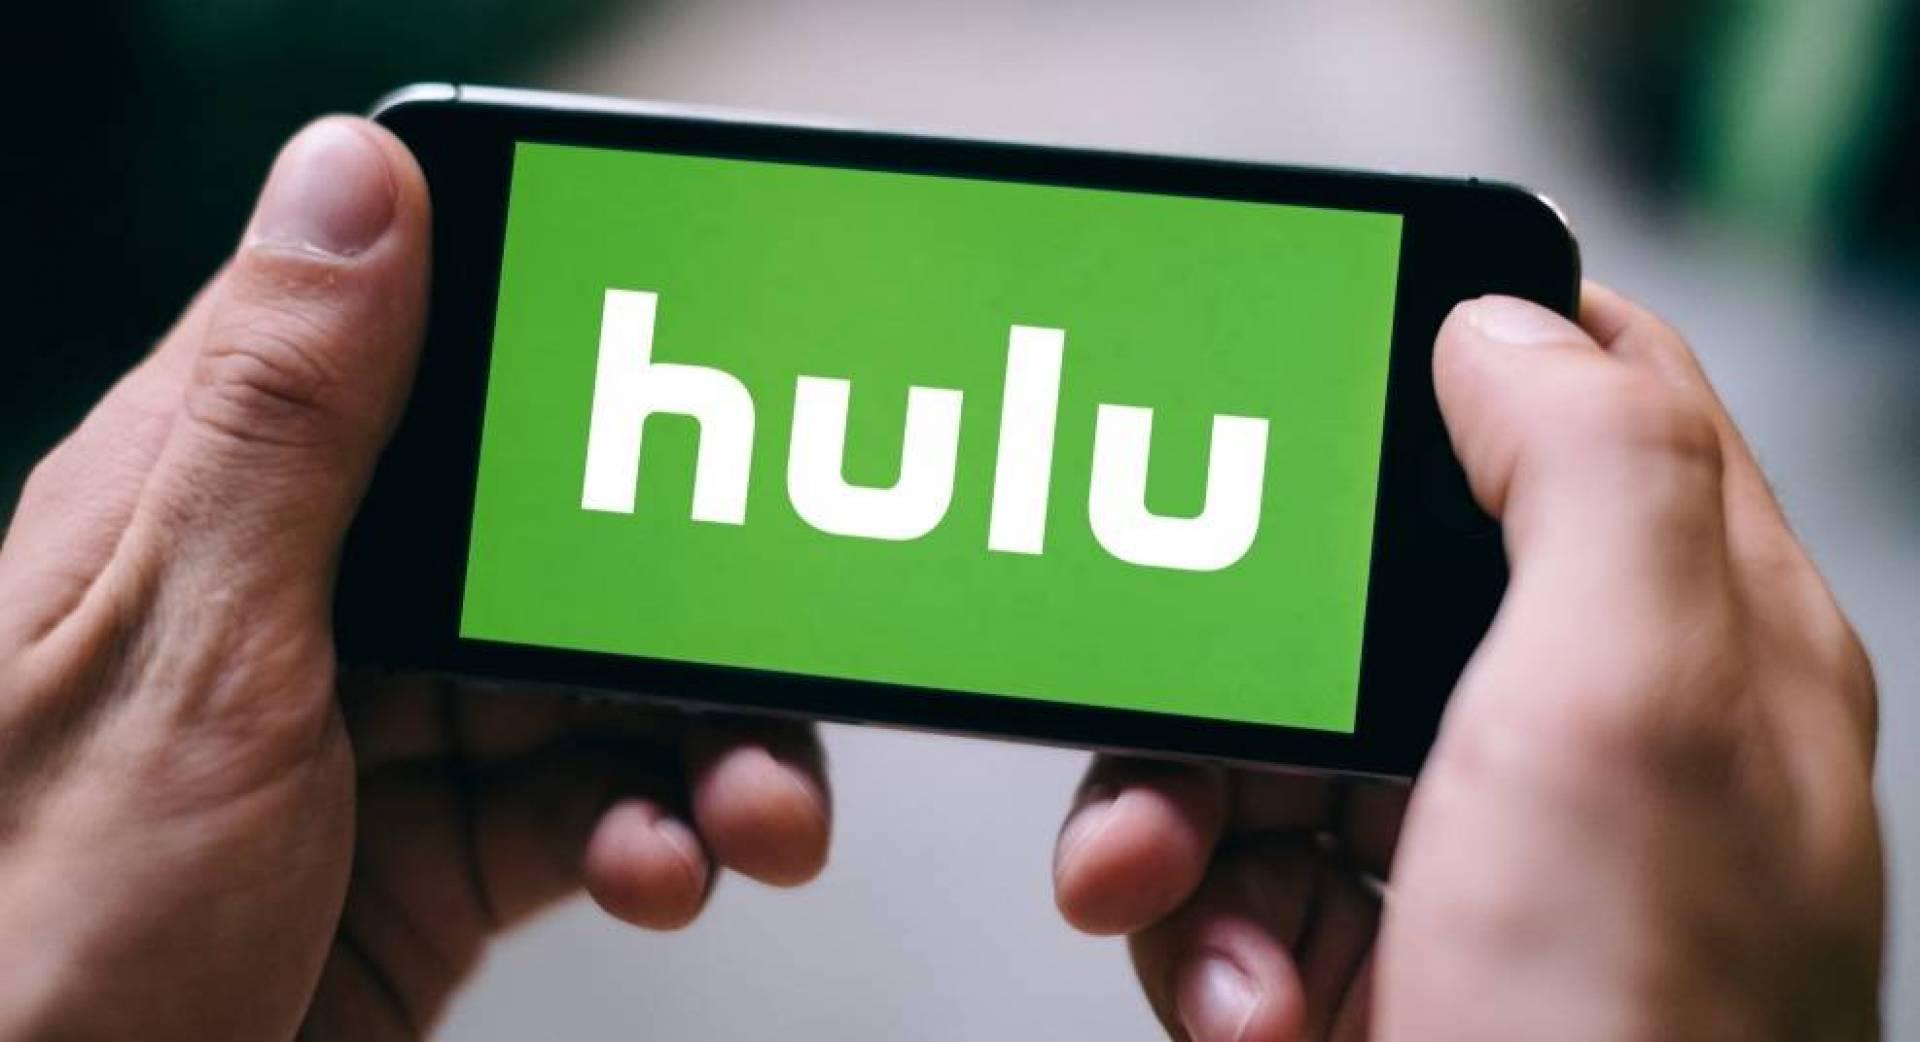 Hulu ترفع تكلفة الاشتراك في البث التلفزيوني إلى 65 دولارا شهريا